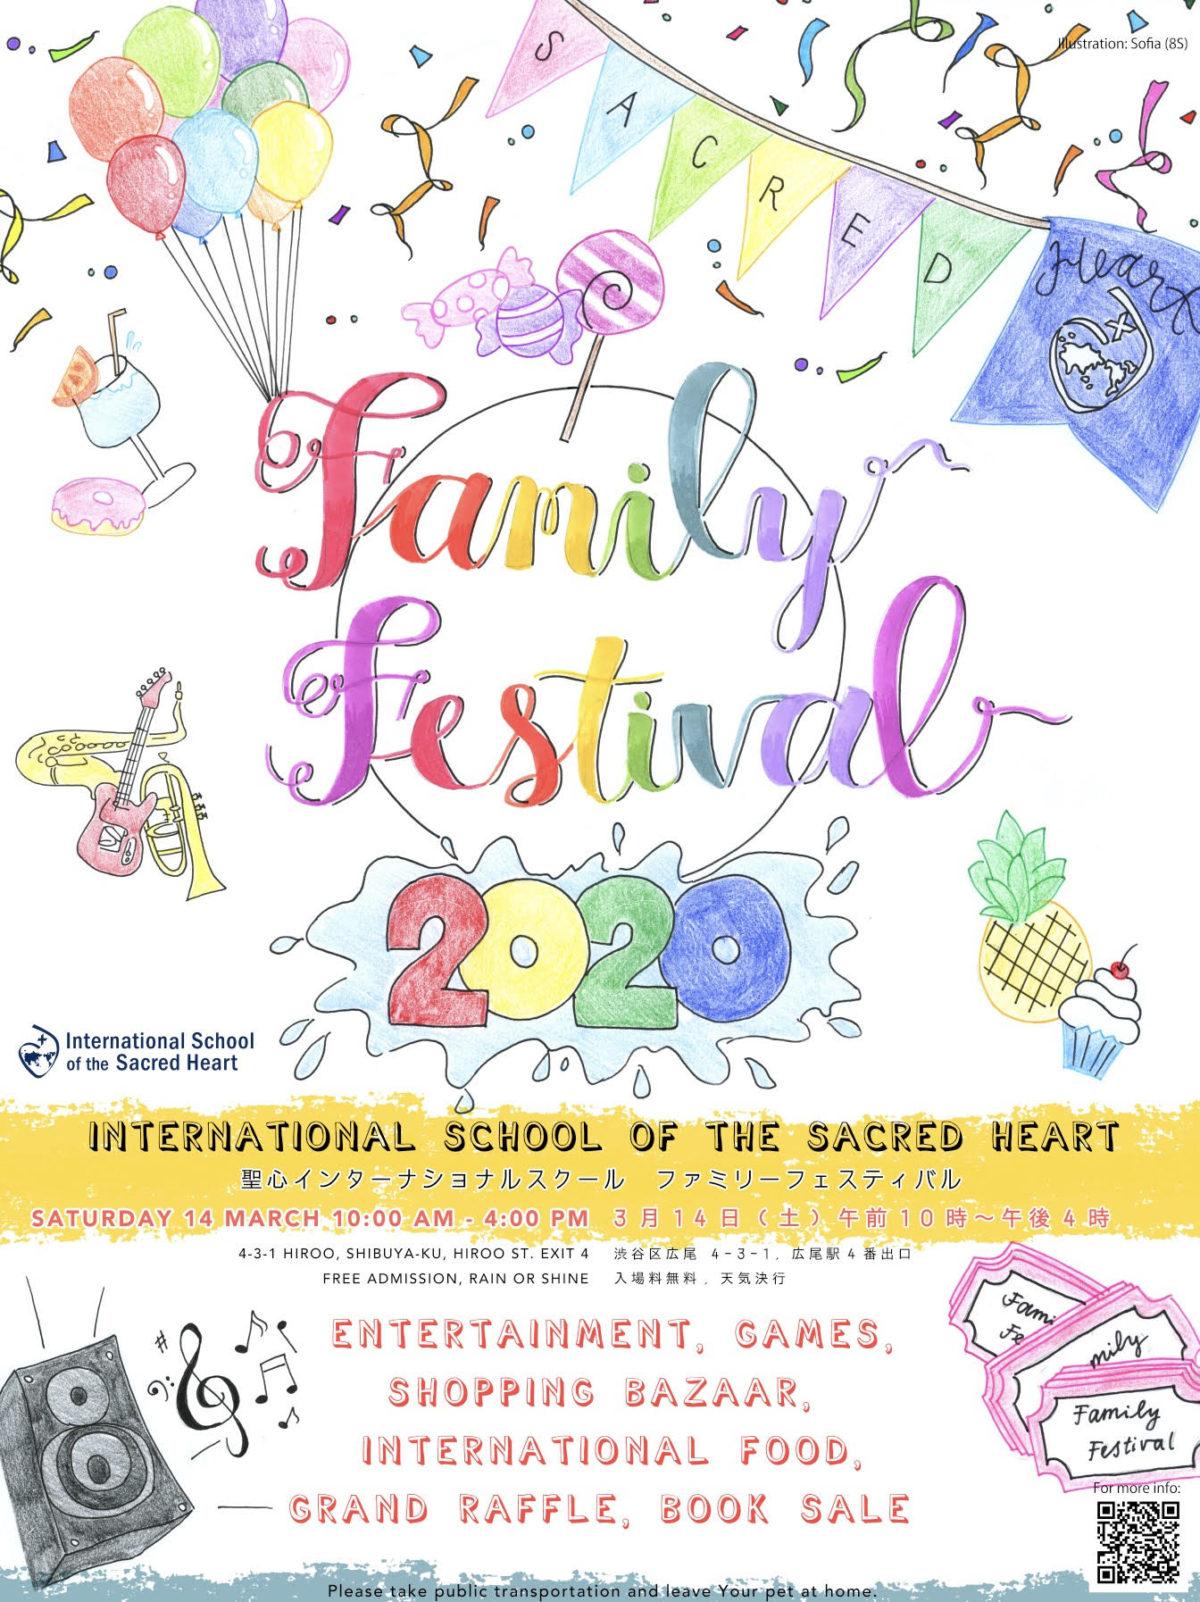 2020年10月17日(土) ISSHファミリーフェスティバル@聖心インターナショナルスクール